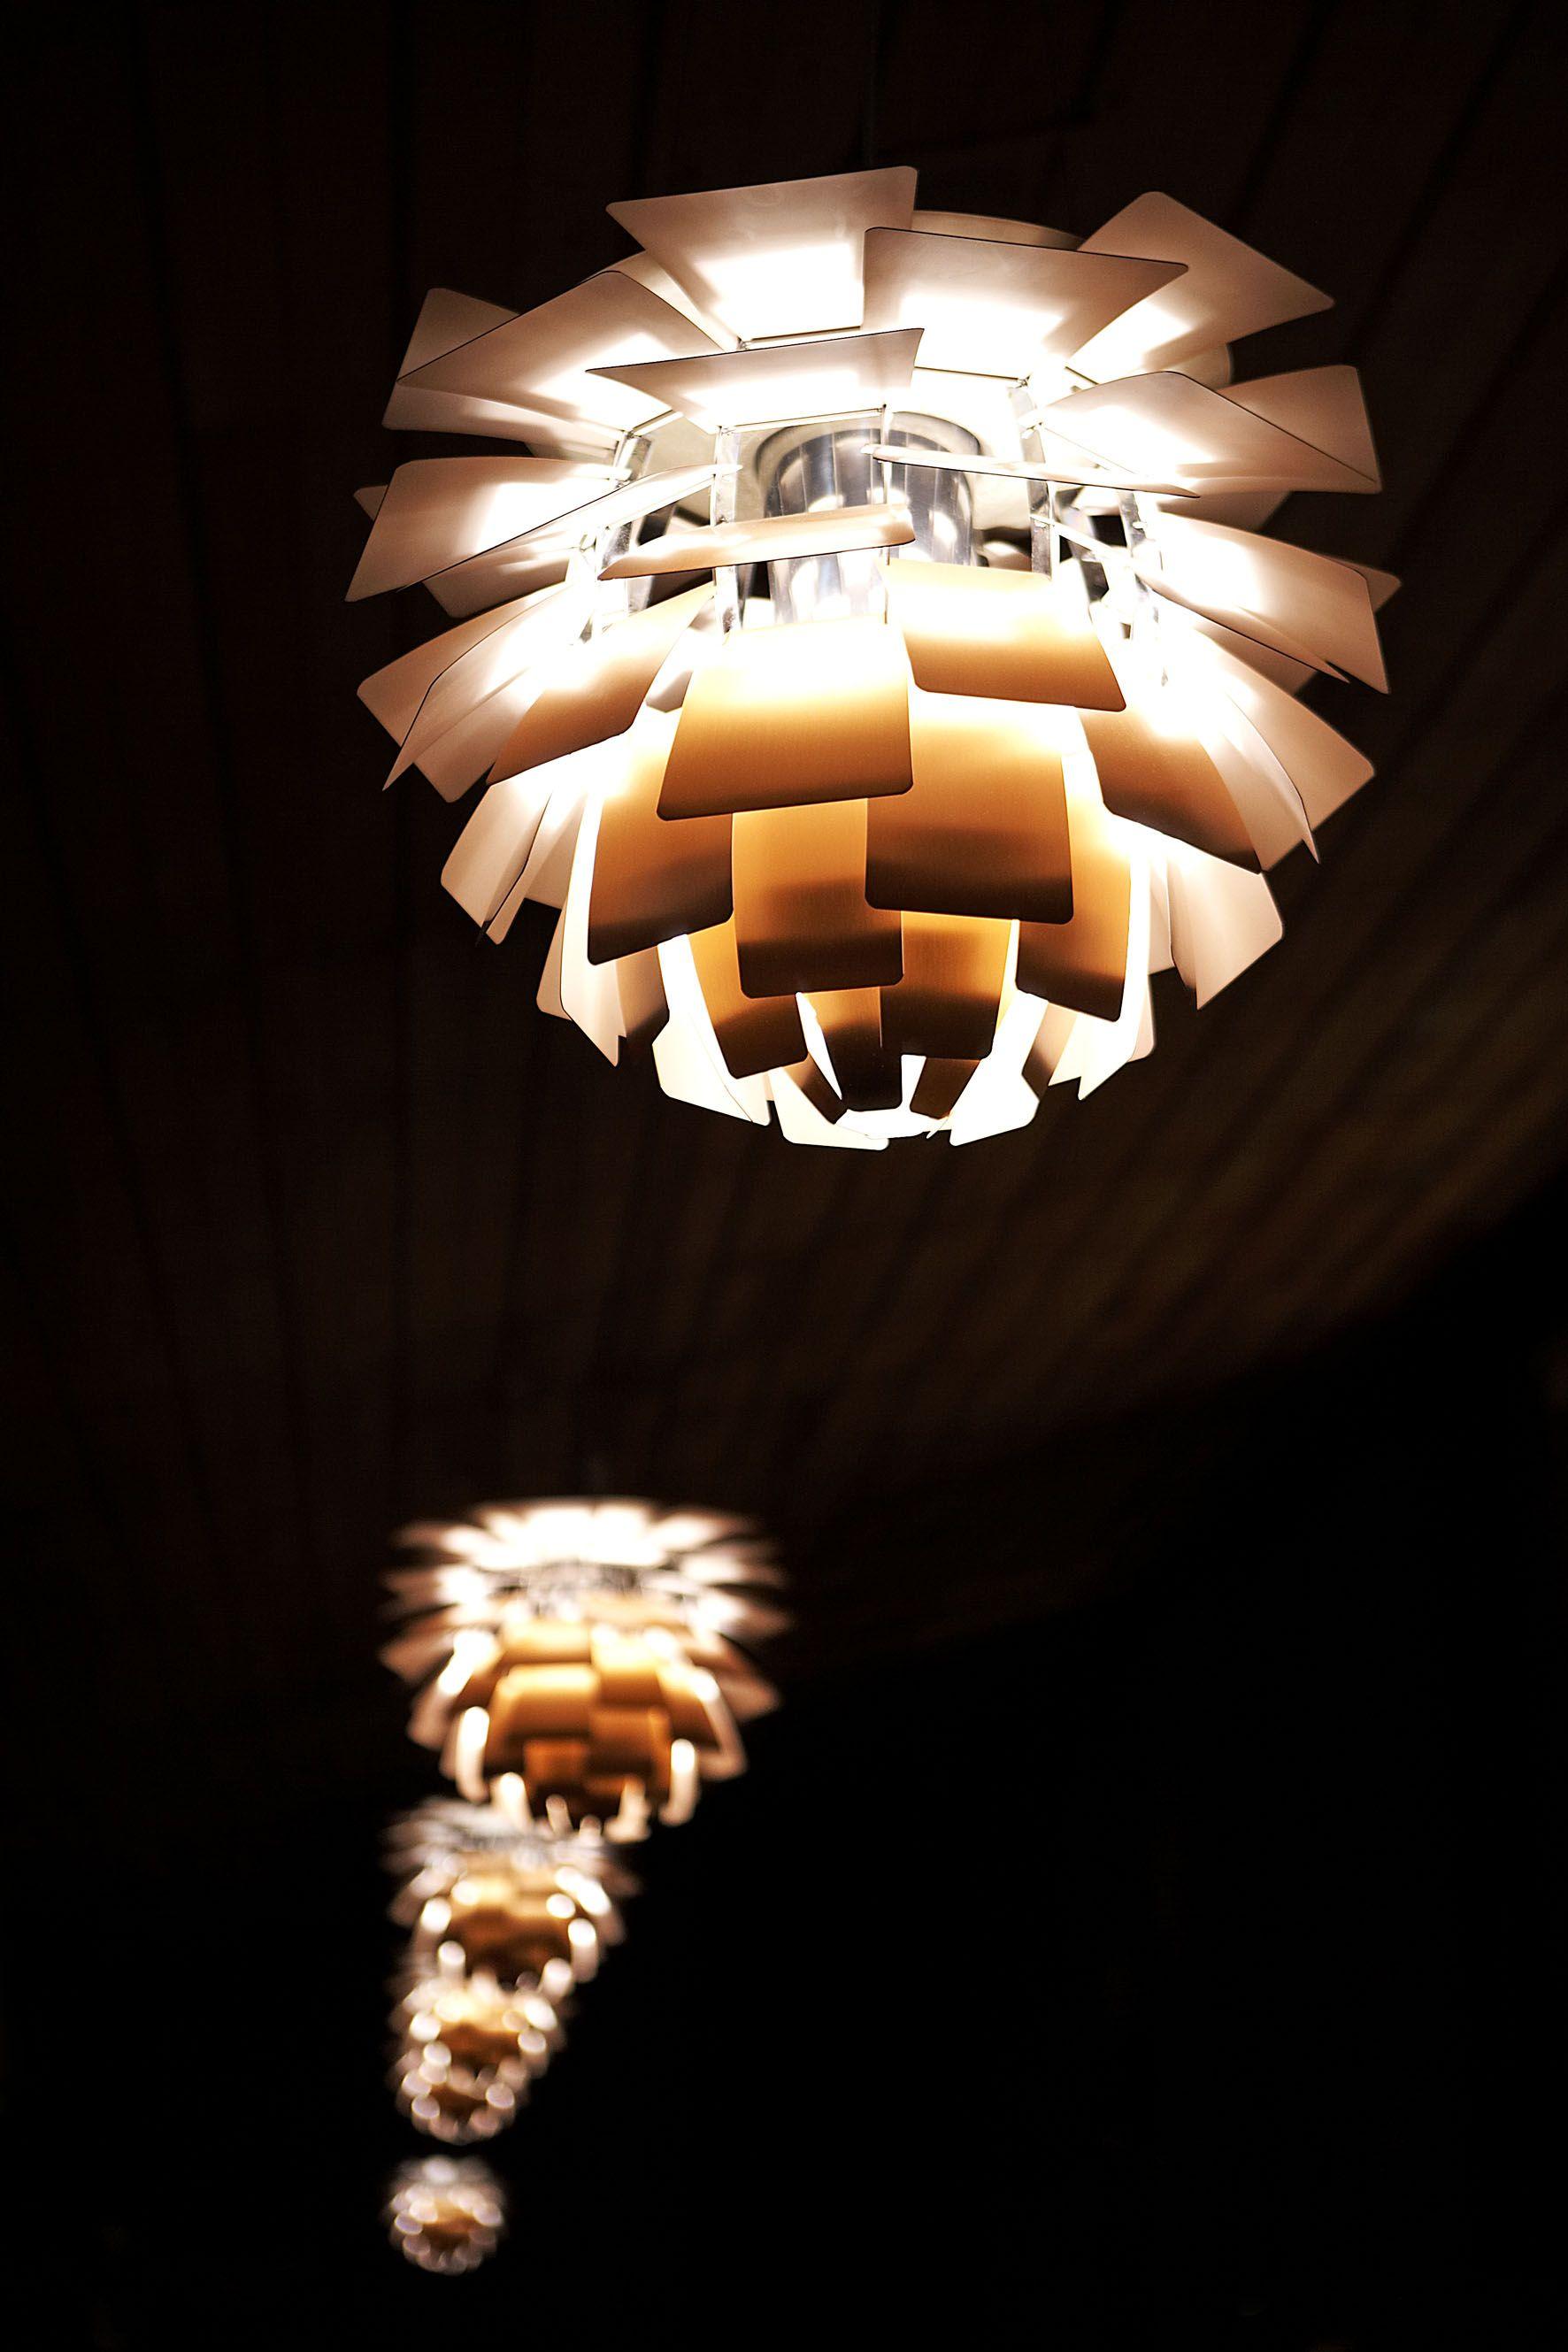 Hotel Indretning Arne Jacobsen Designer Lamper Koglen Pendel Med Lameller Af Borstet Kobber Pendel Lamper Designer